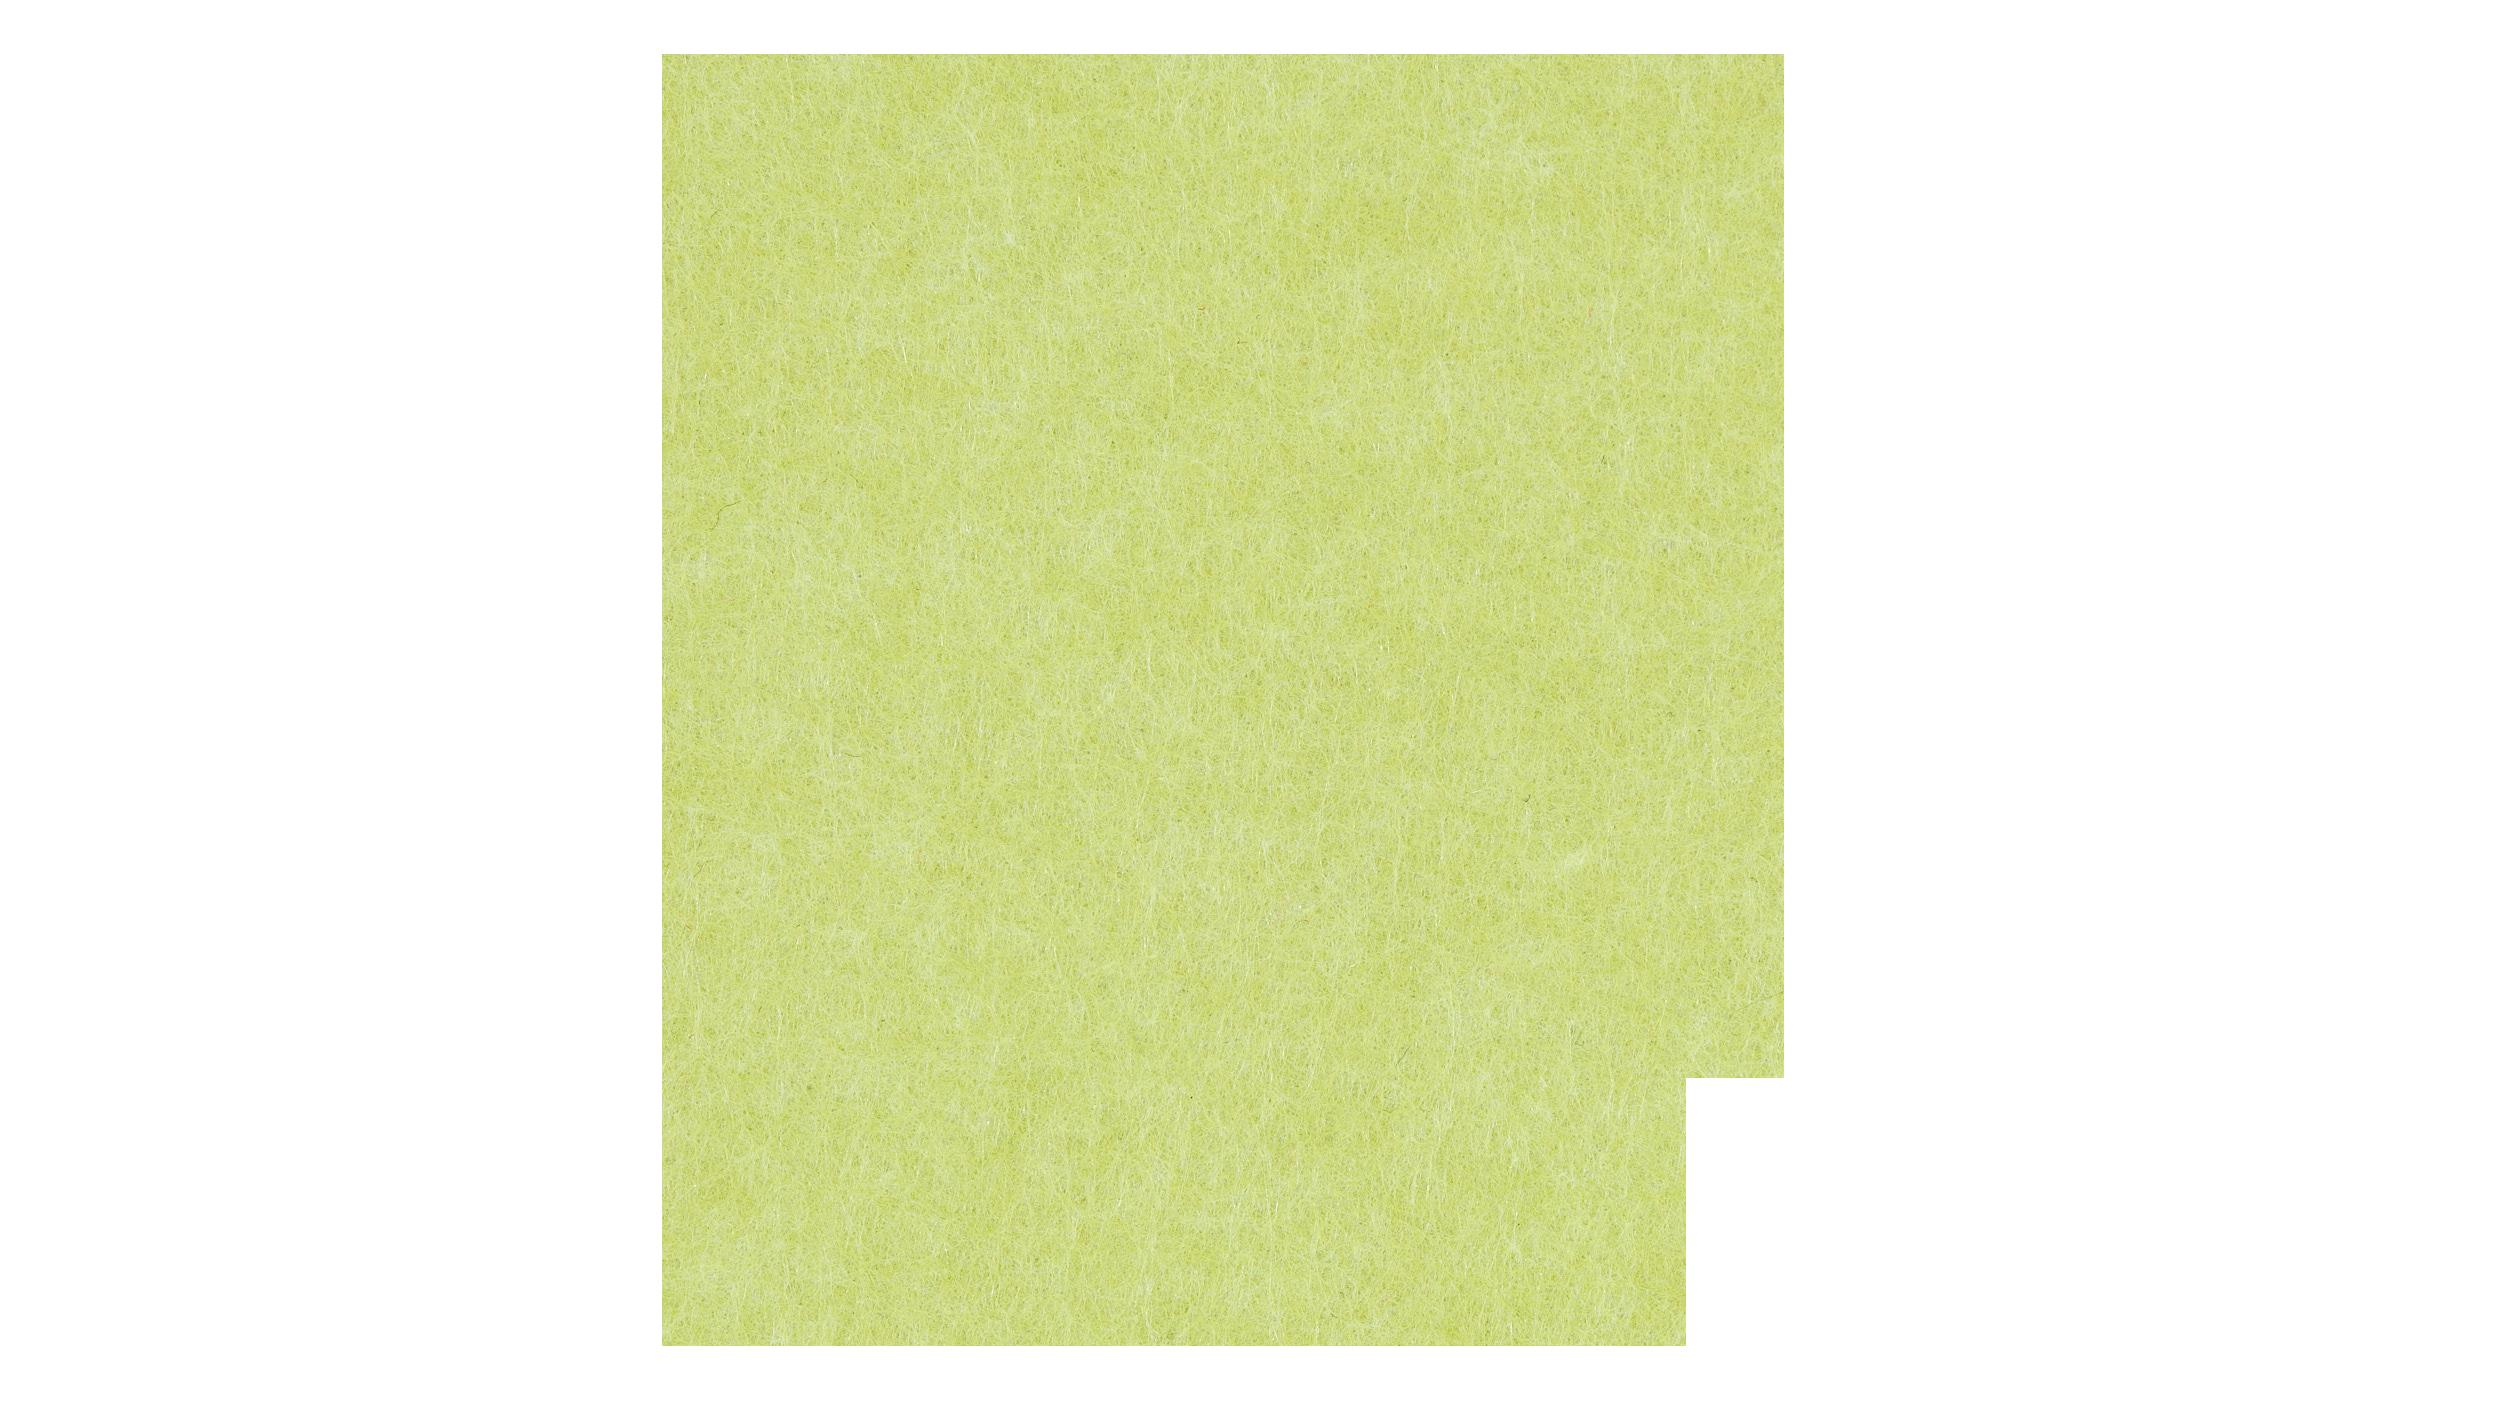 PETpanel - Lime - Kleurcode 43